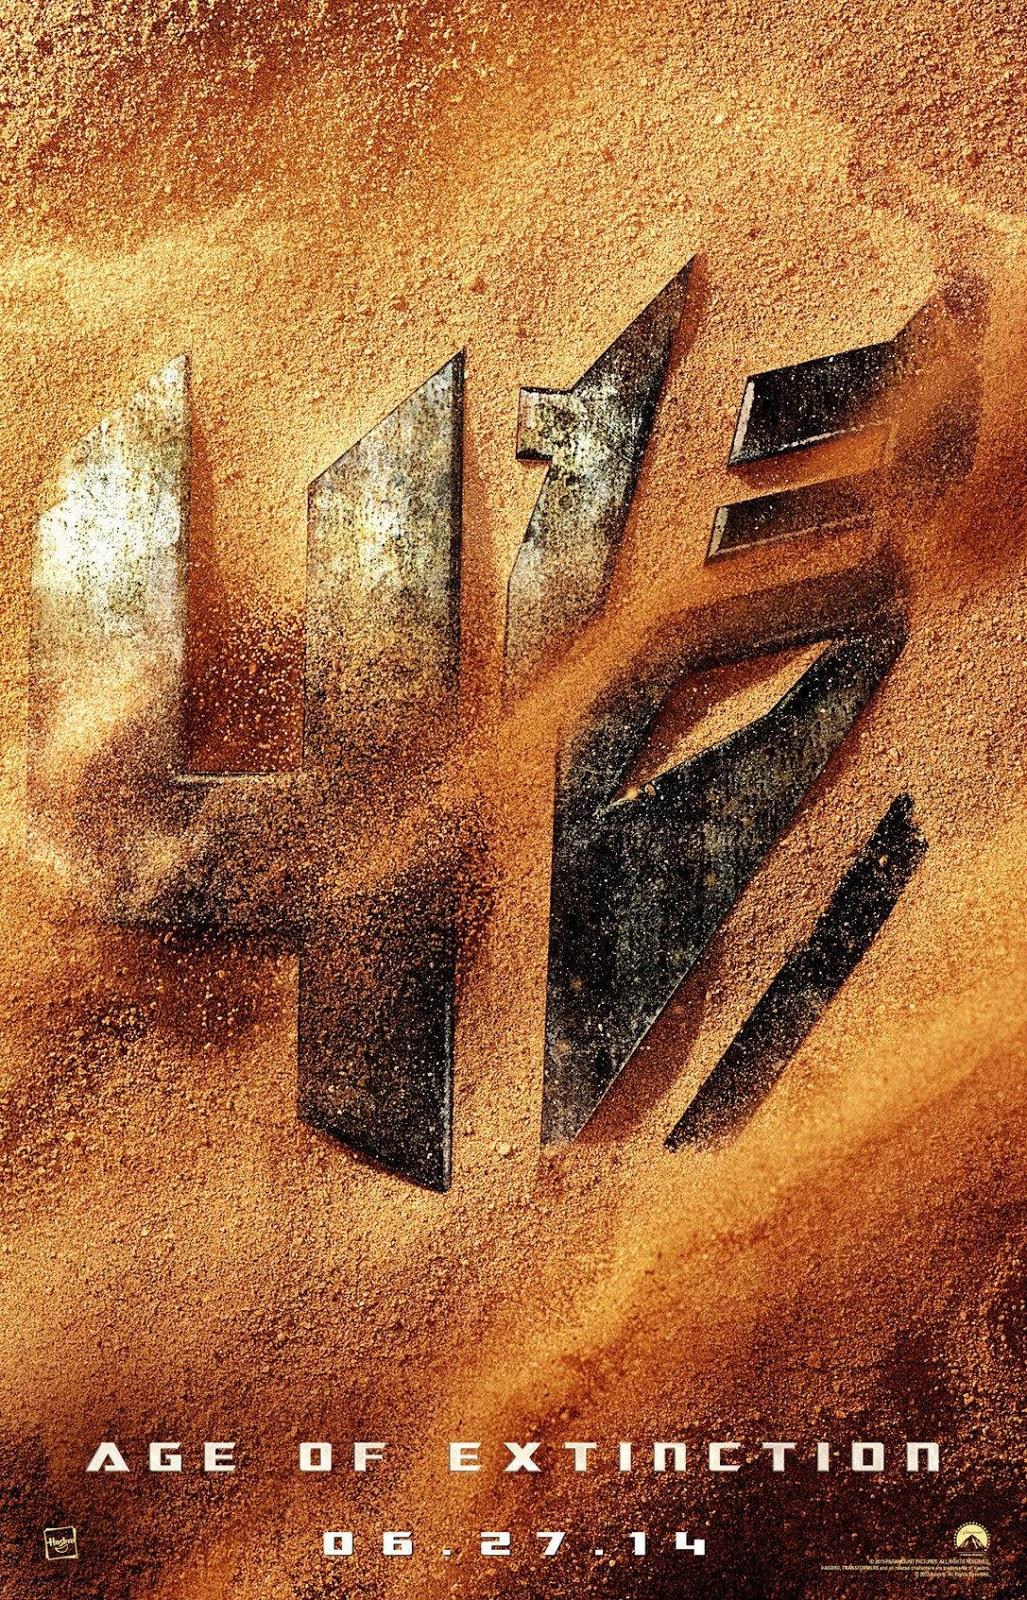 Transformers 4'ün İsmi ve Yeni Afişi